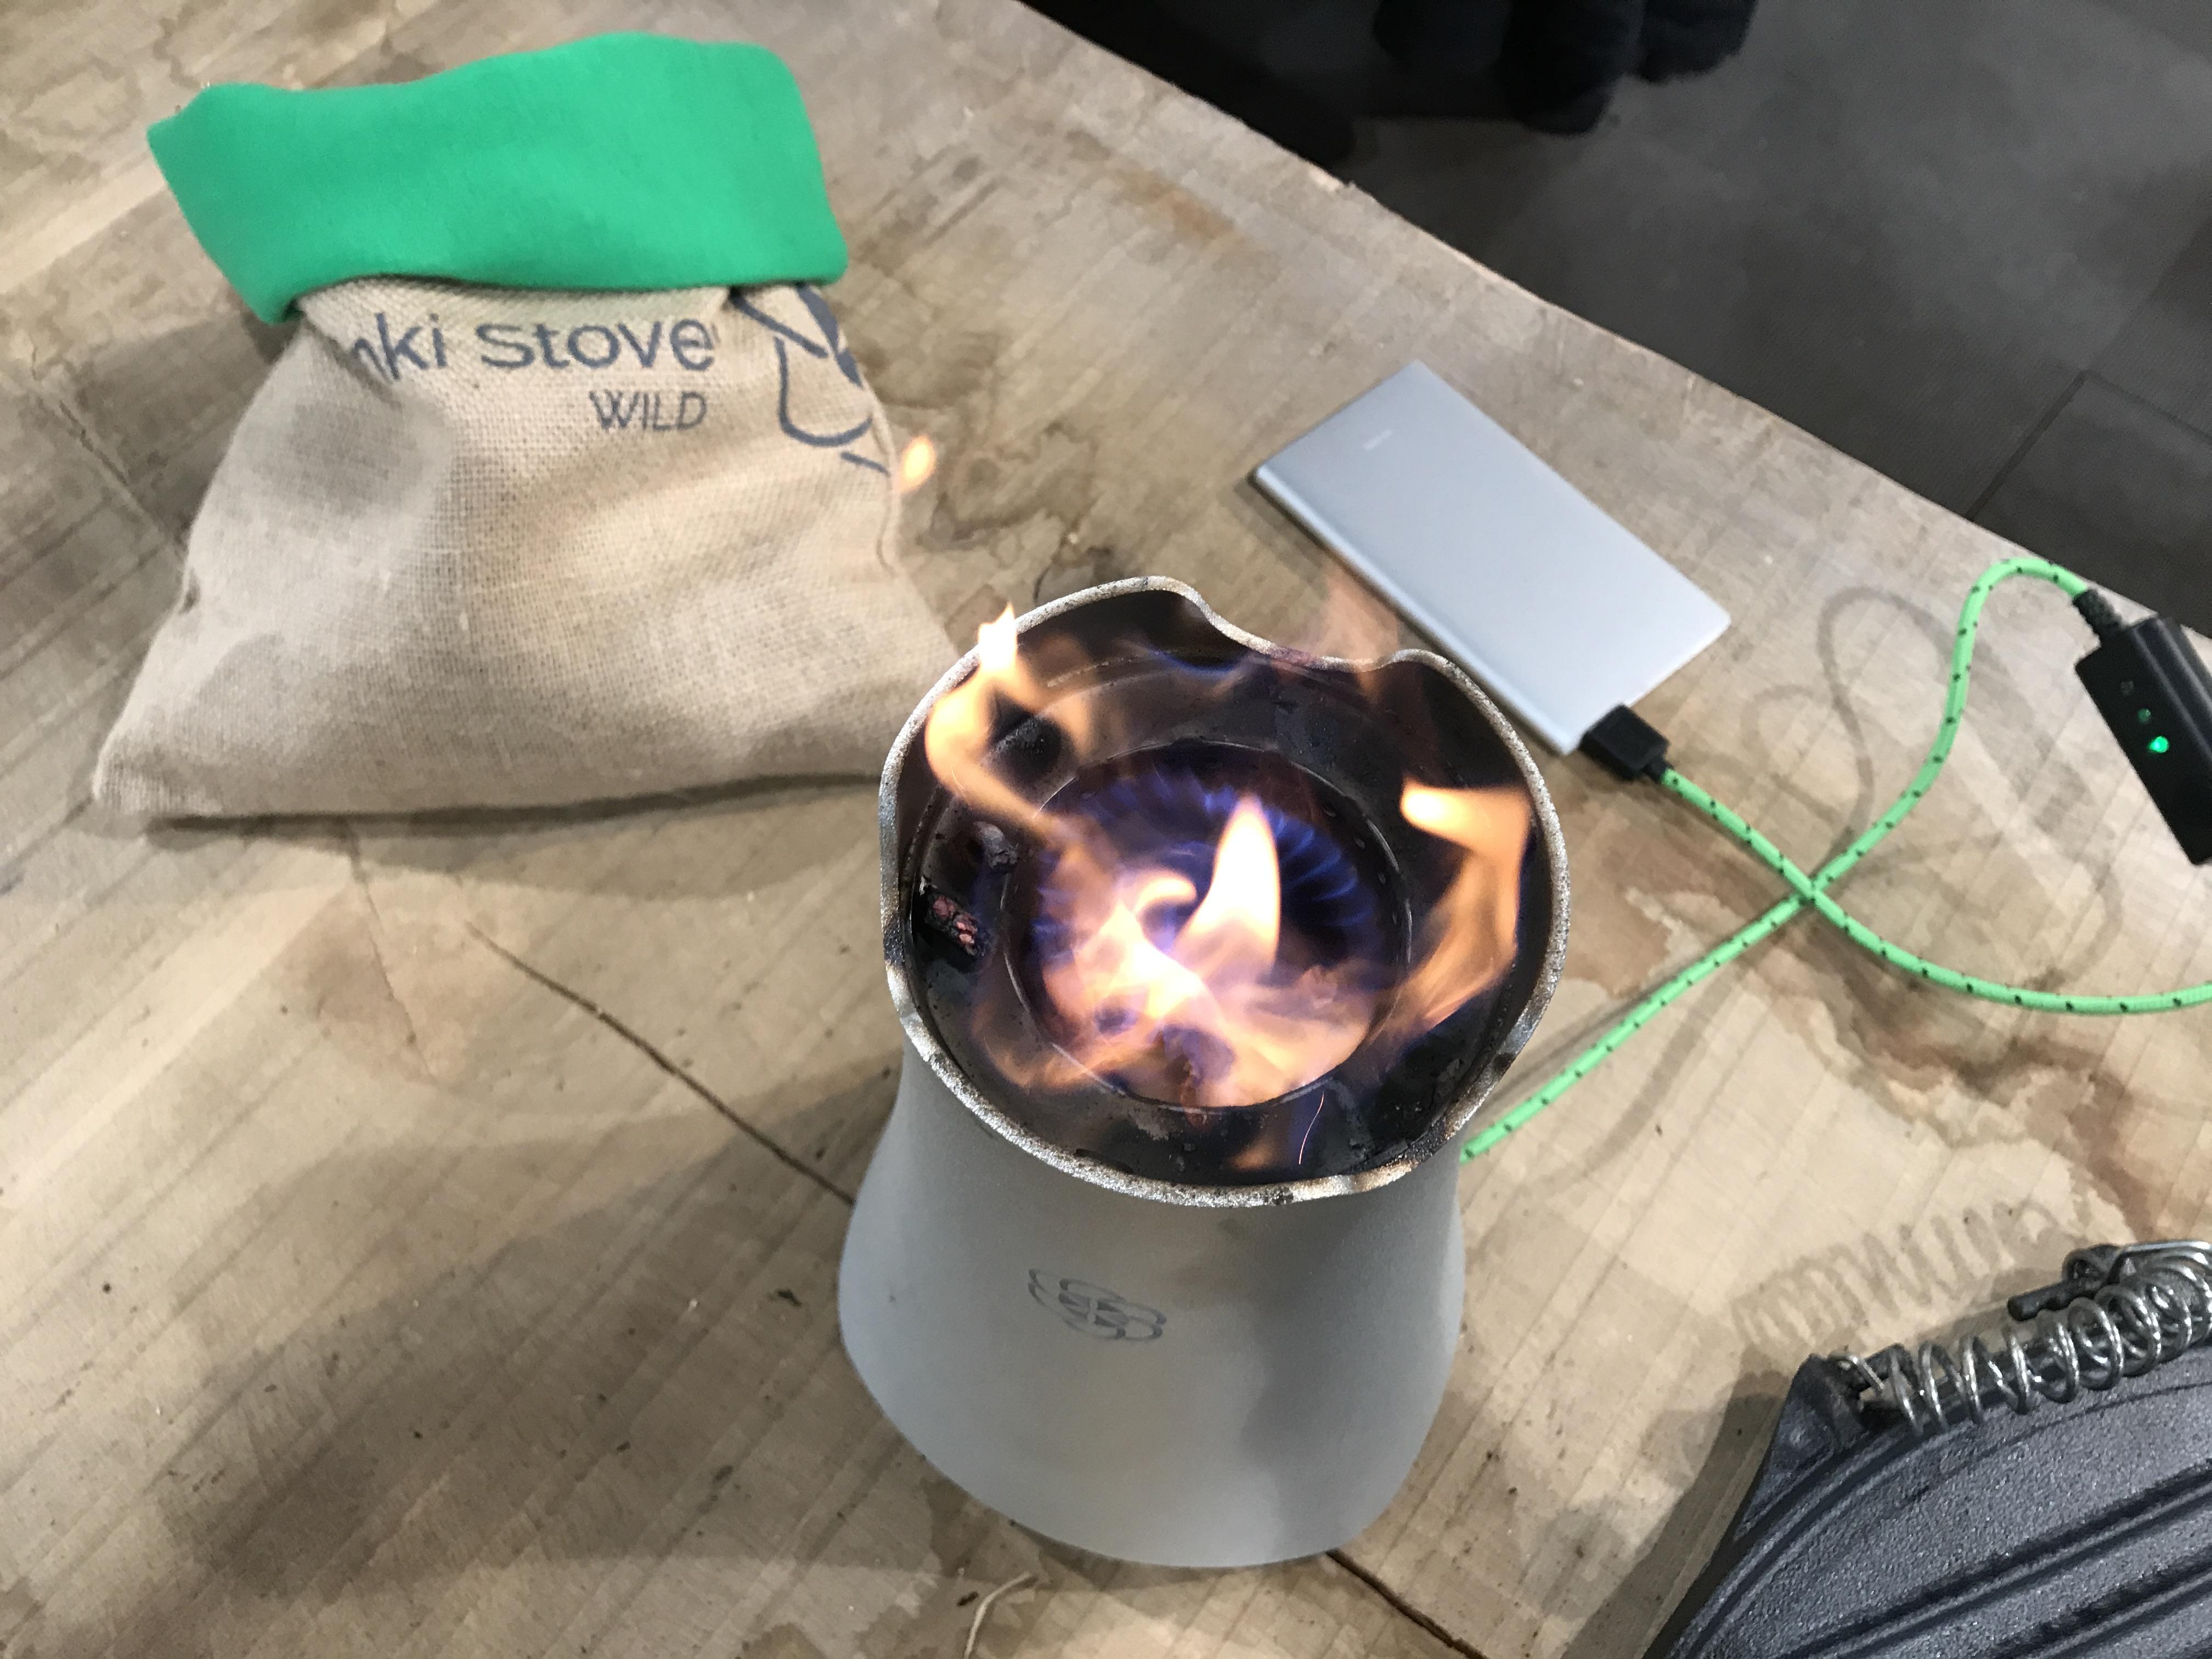 Styling ID Blog twee dagen Beurs Eigen Huis Art of Fire Enki Stove Wild brandend